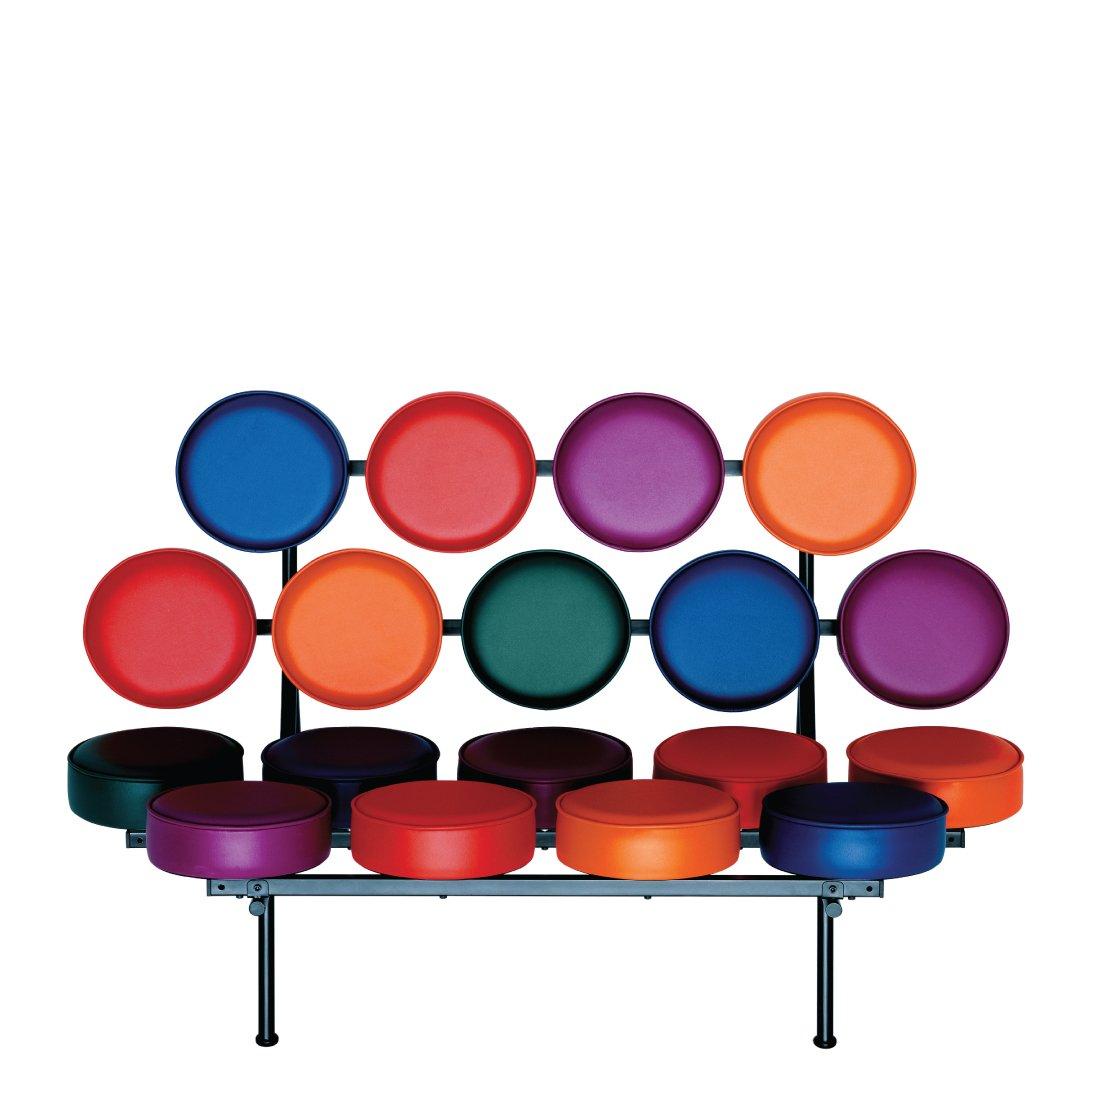 Vitra Marshmallow Sofa Bank